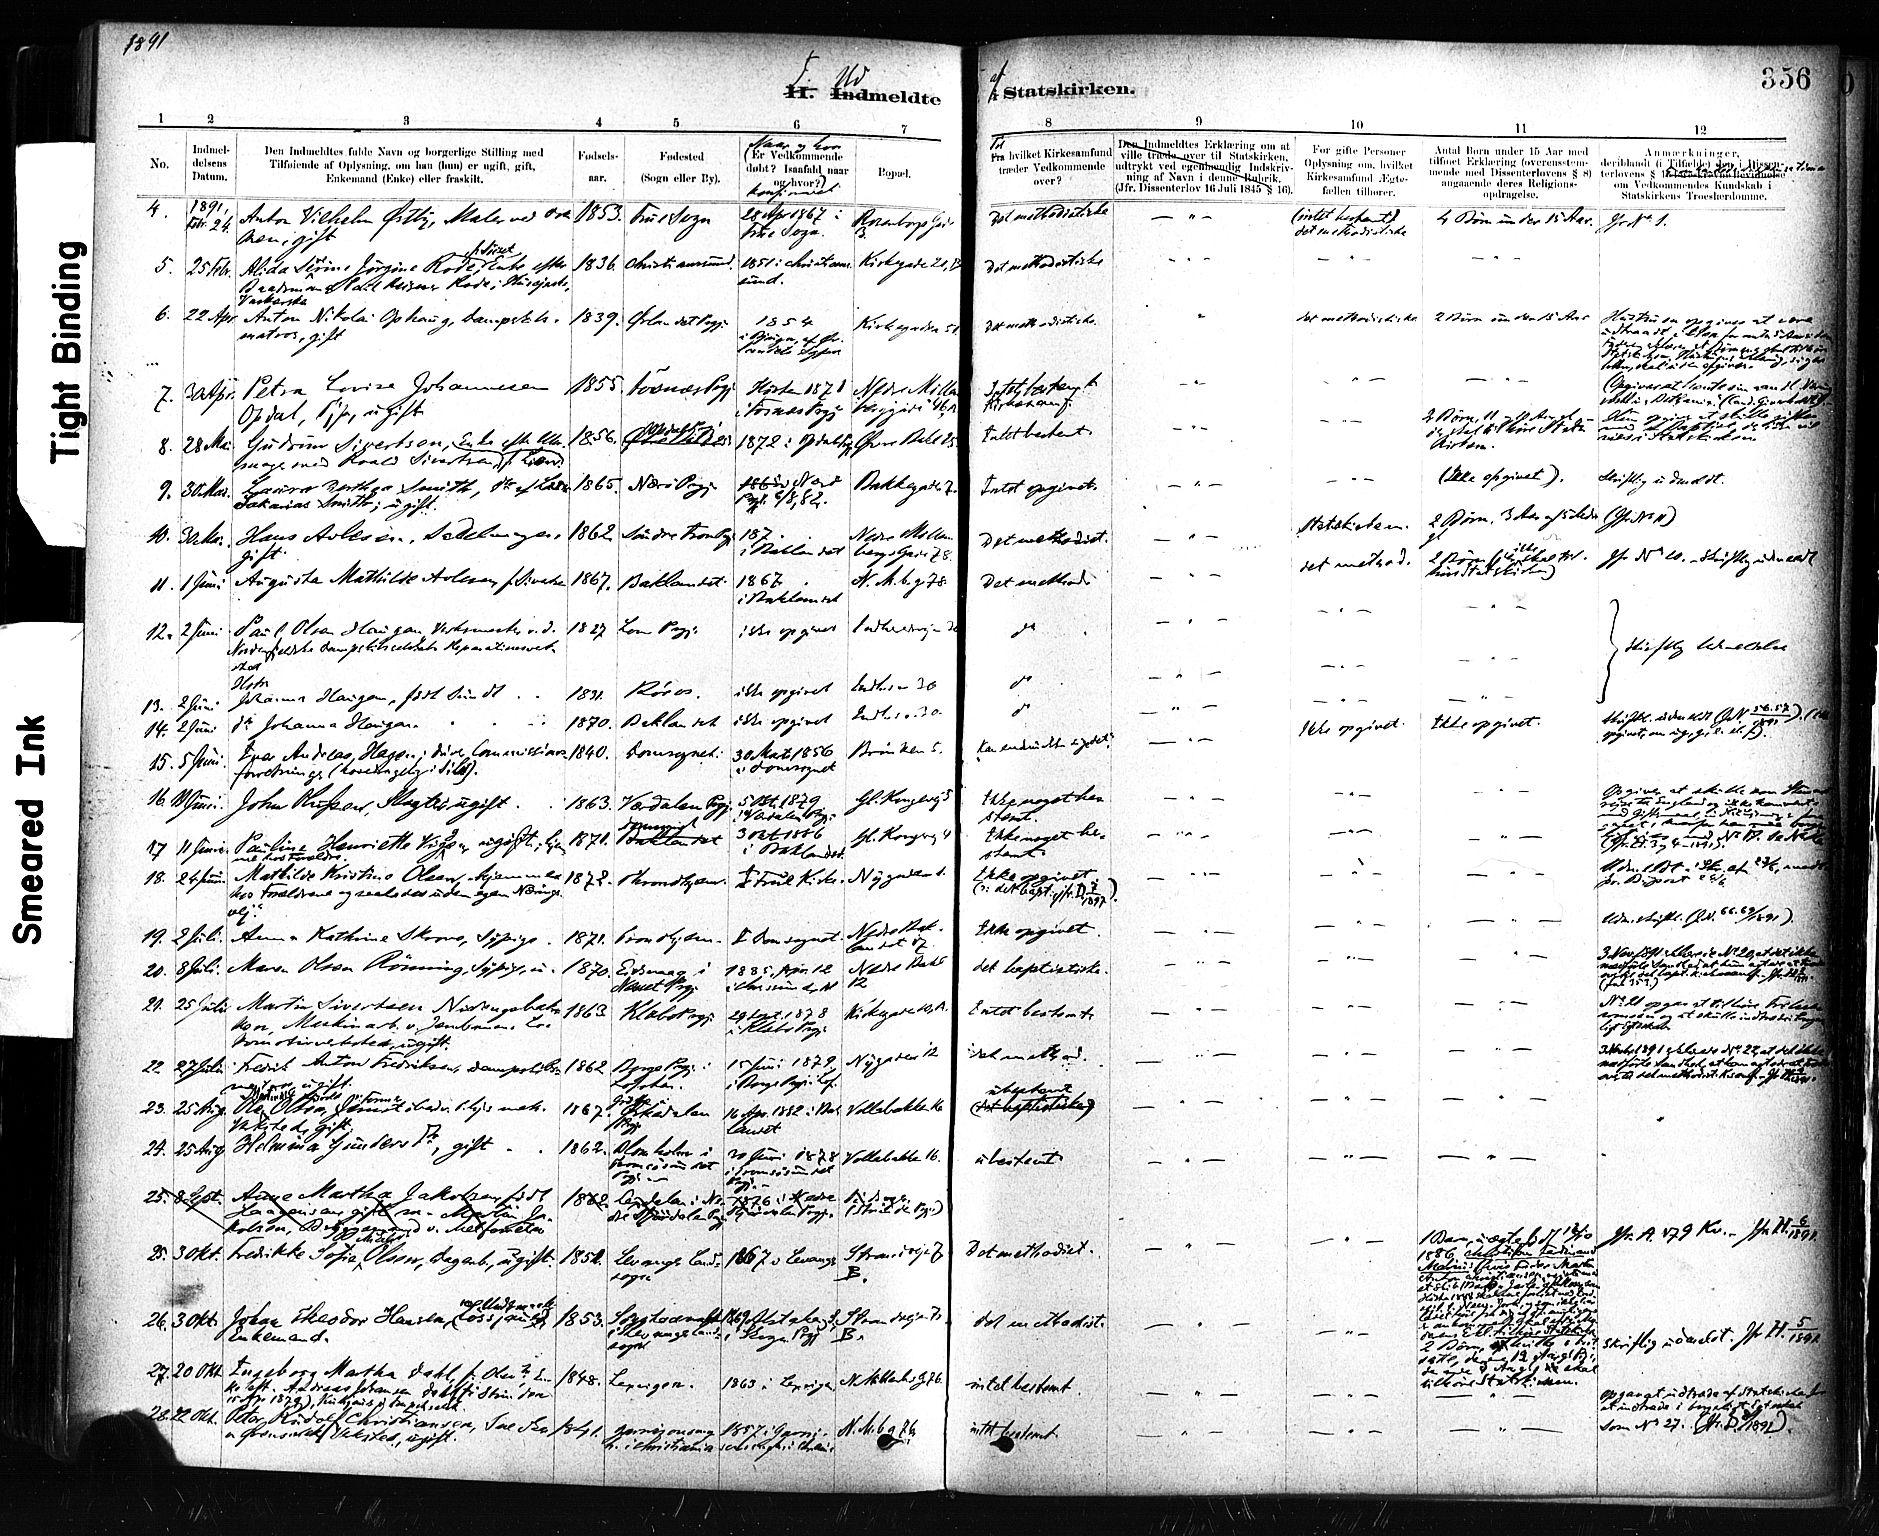 SAT, Ministerialprotokoller, klokkerbøker og fødselsregistre - Sør-Trøndelag, 604/L0189: Ministerialbok nr. 604A10, 1878-1892, s. 356